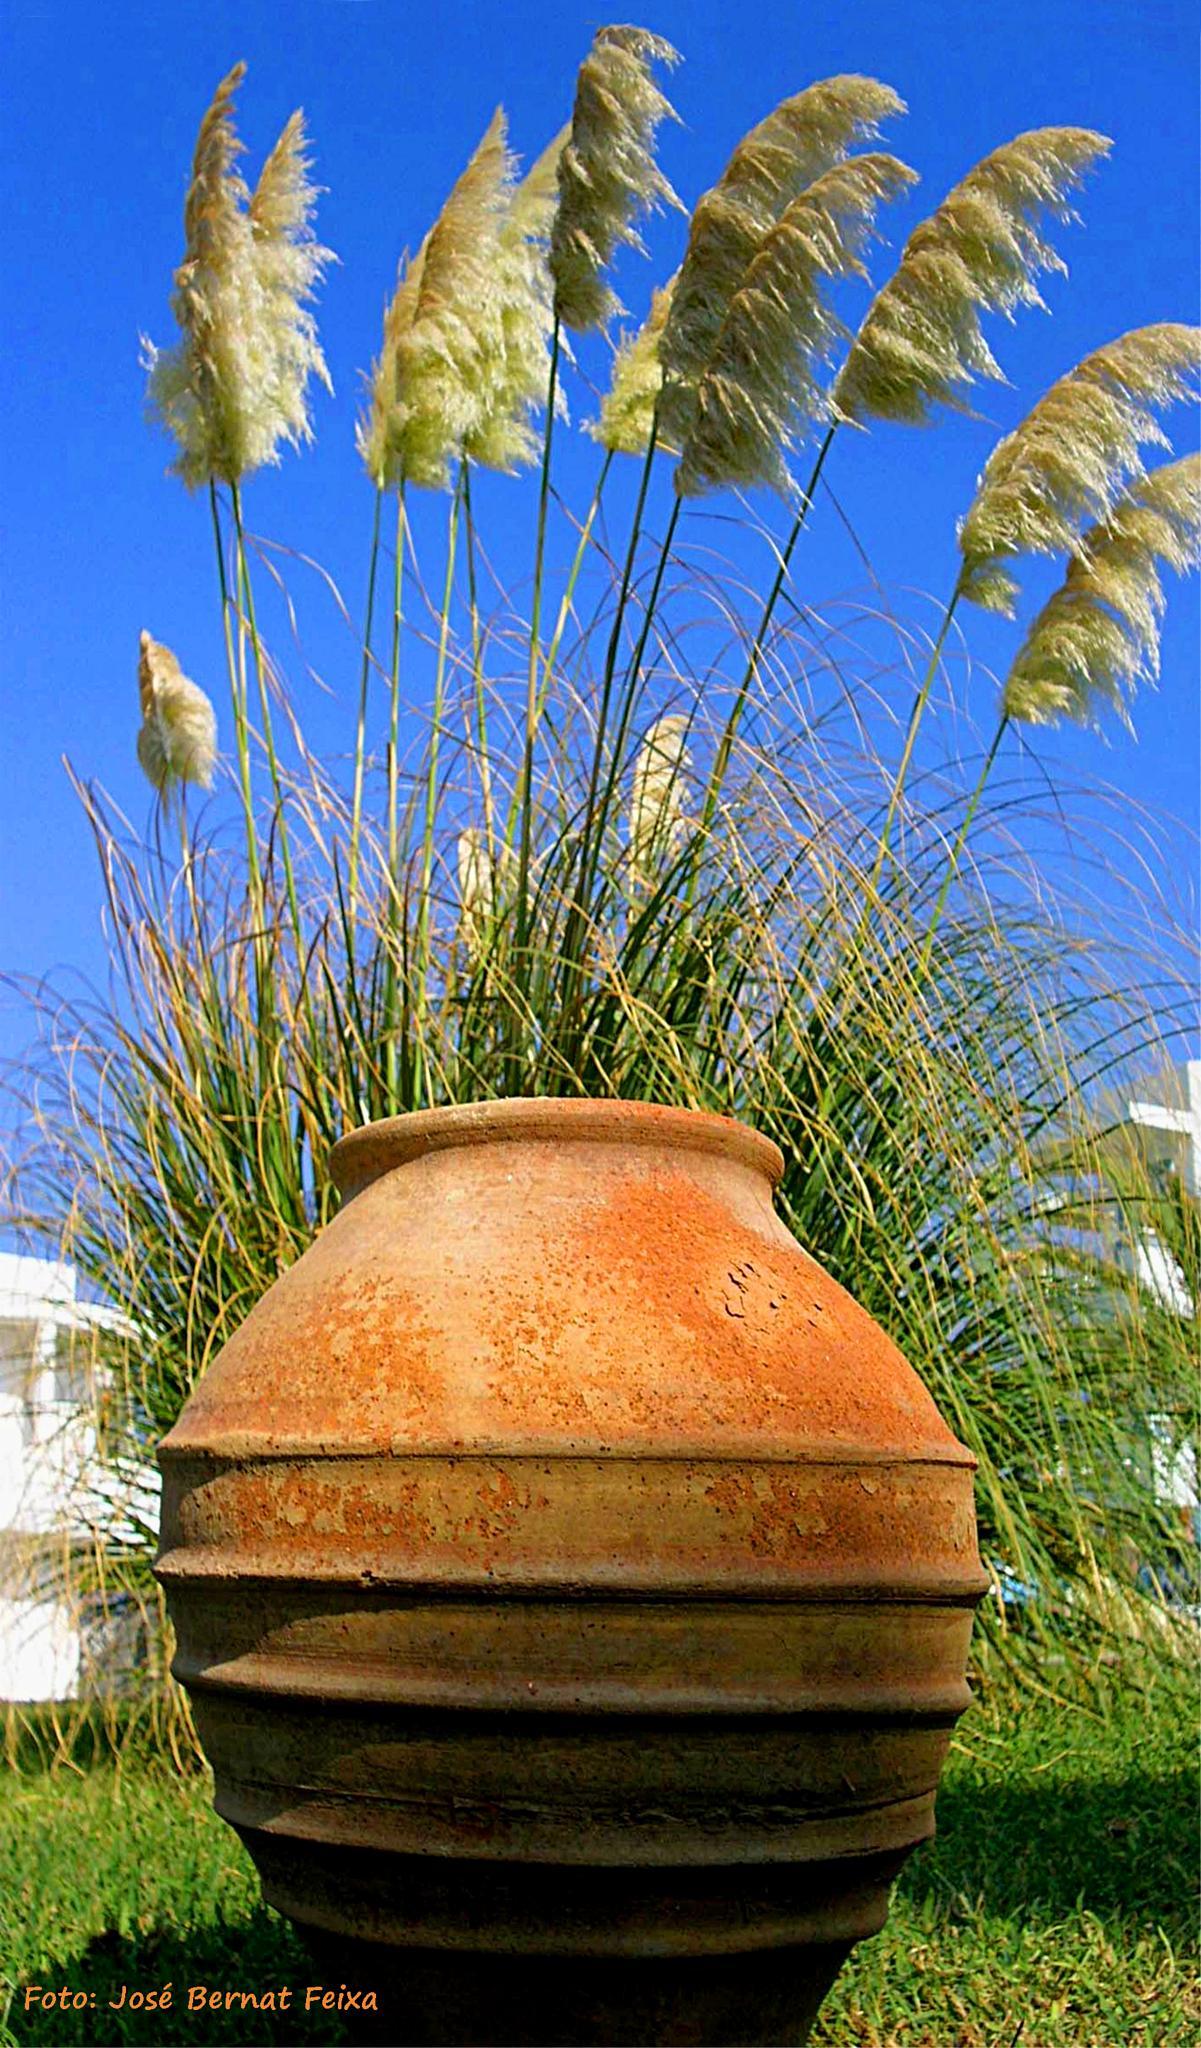 PLANTAS, PLANTEN, PLANTS,  Kreta by José Bernat Feixa